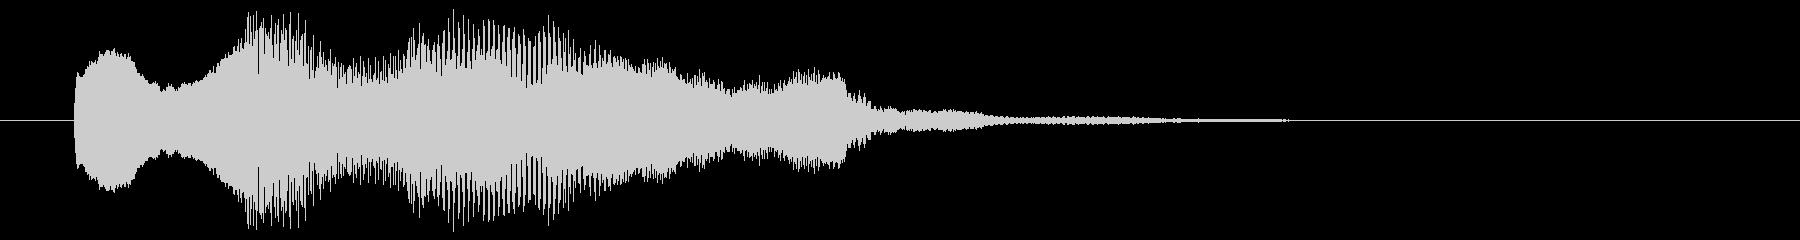 8ビット風システム音-03-2_dryの未再生の波形